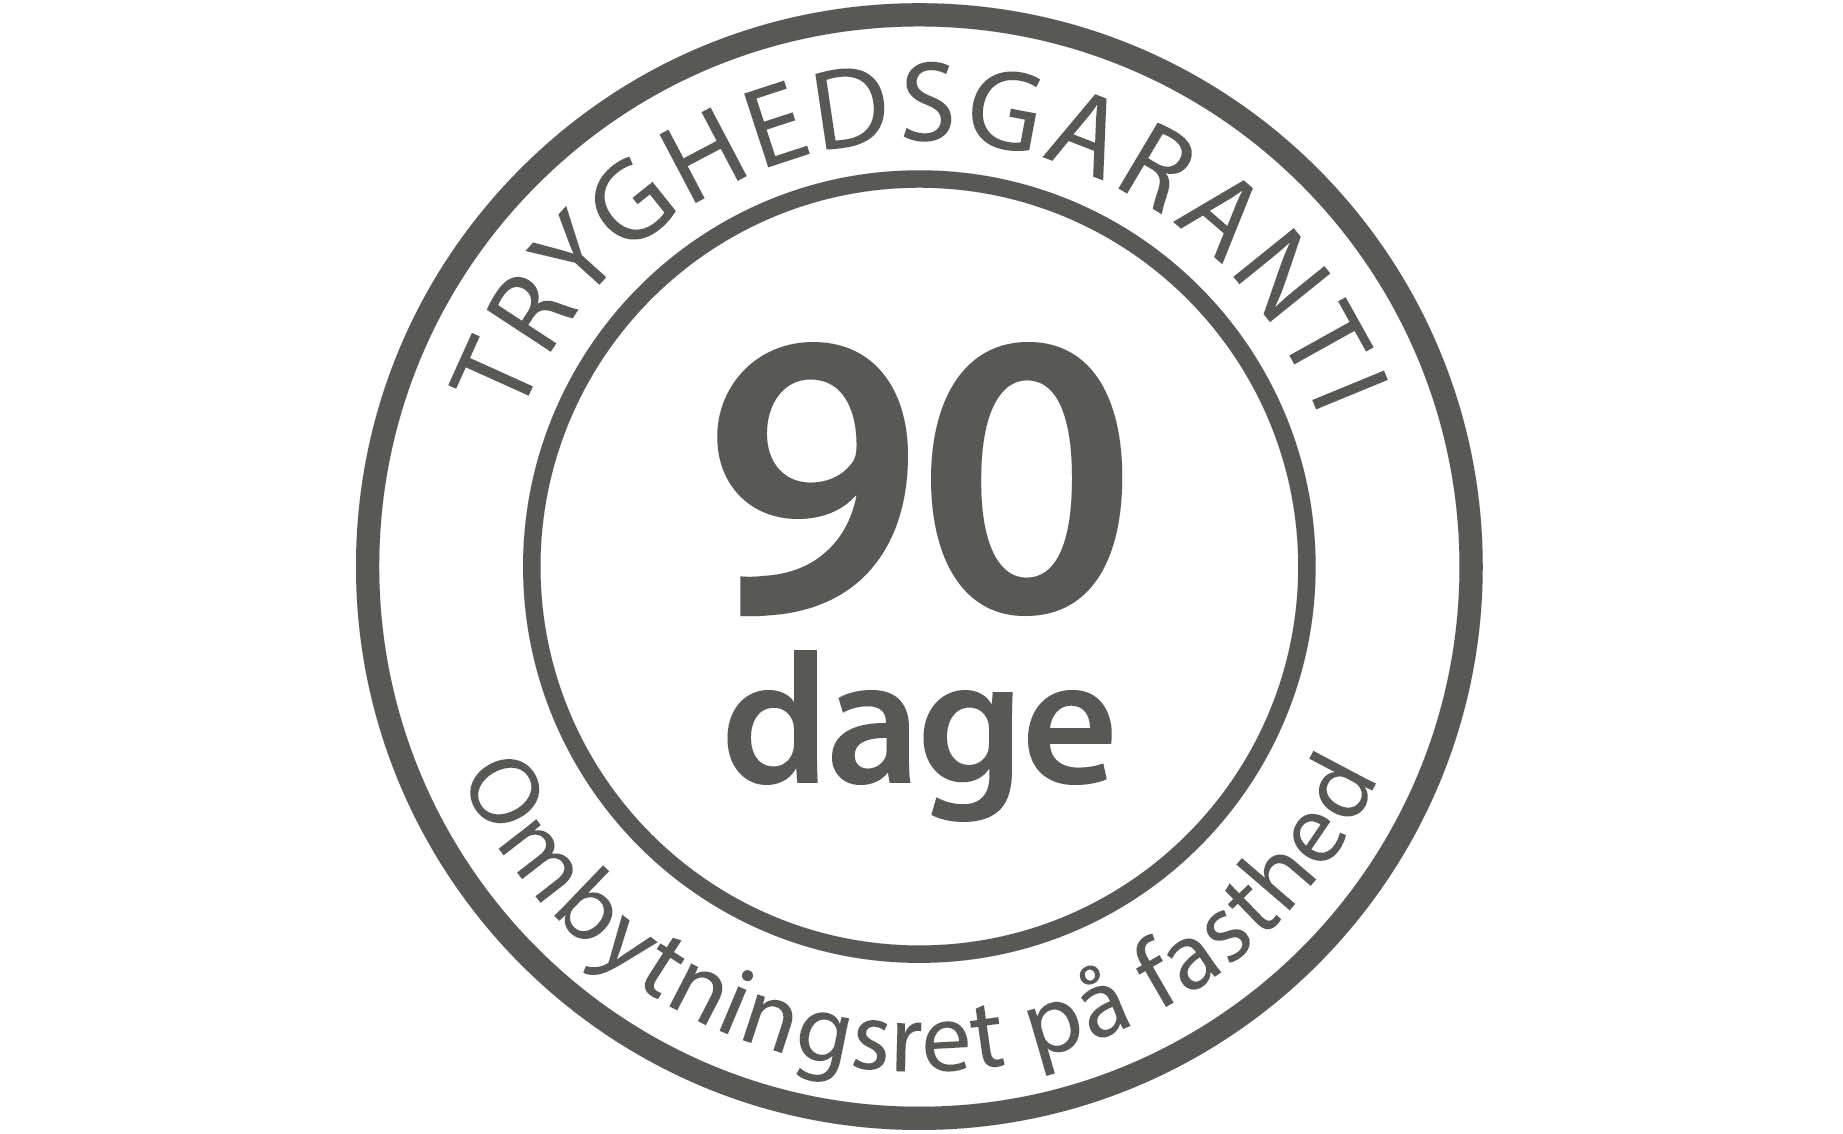 90 dage tryghedsgaranti